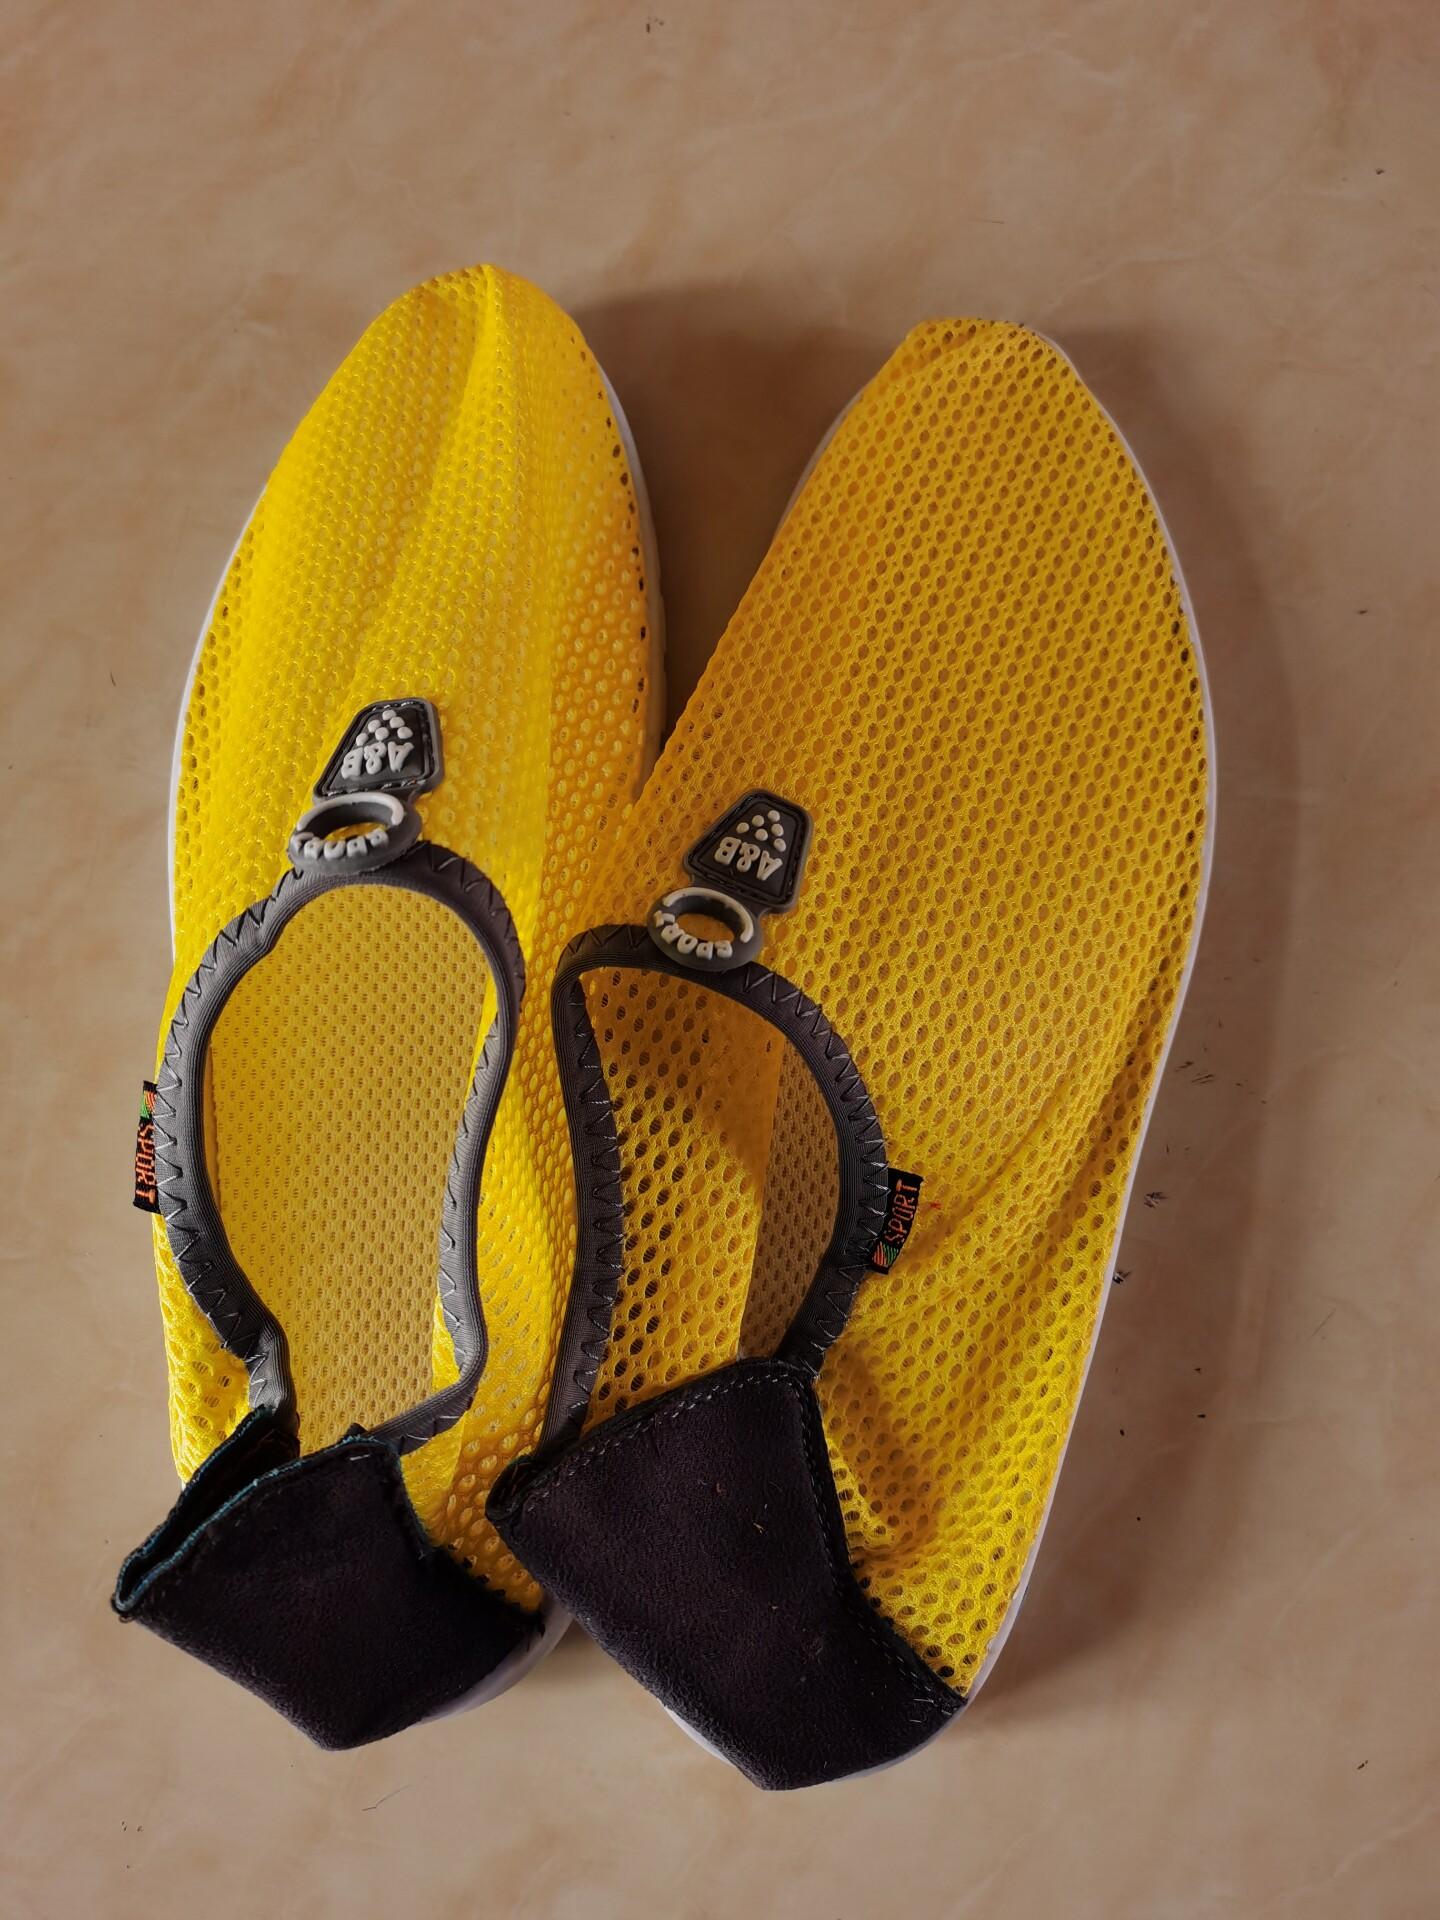 男款夏季洞洞鞋凉鞋网鞋7双44码,凉爽,舒适,每双45元包邮